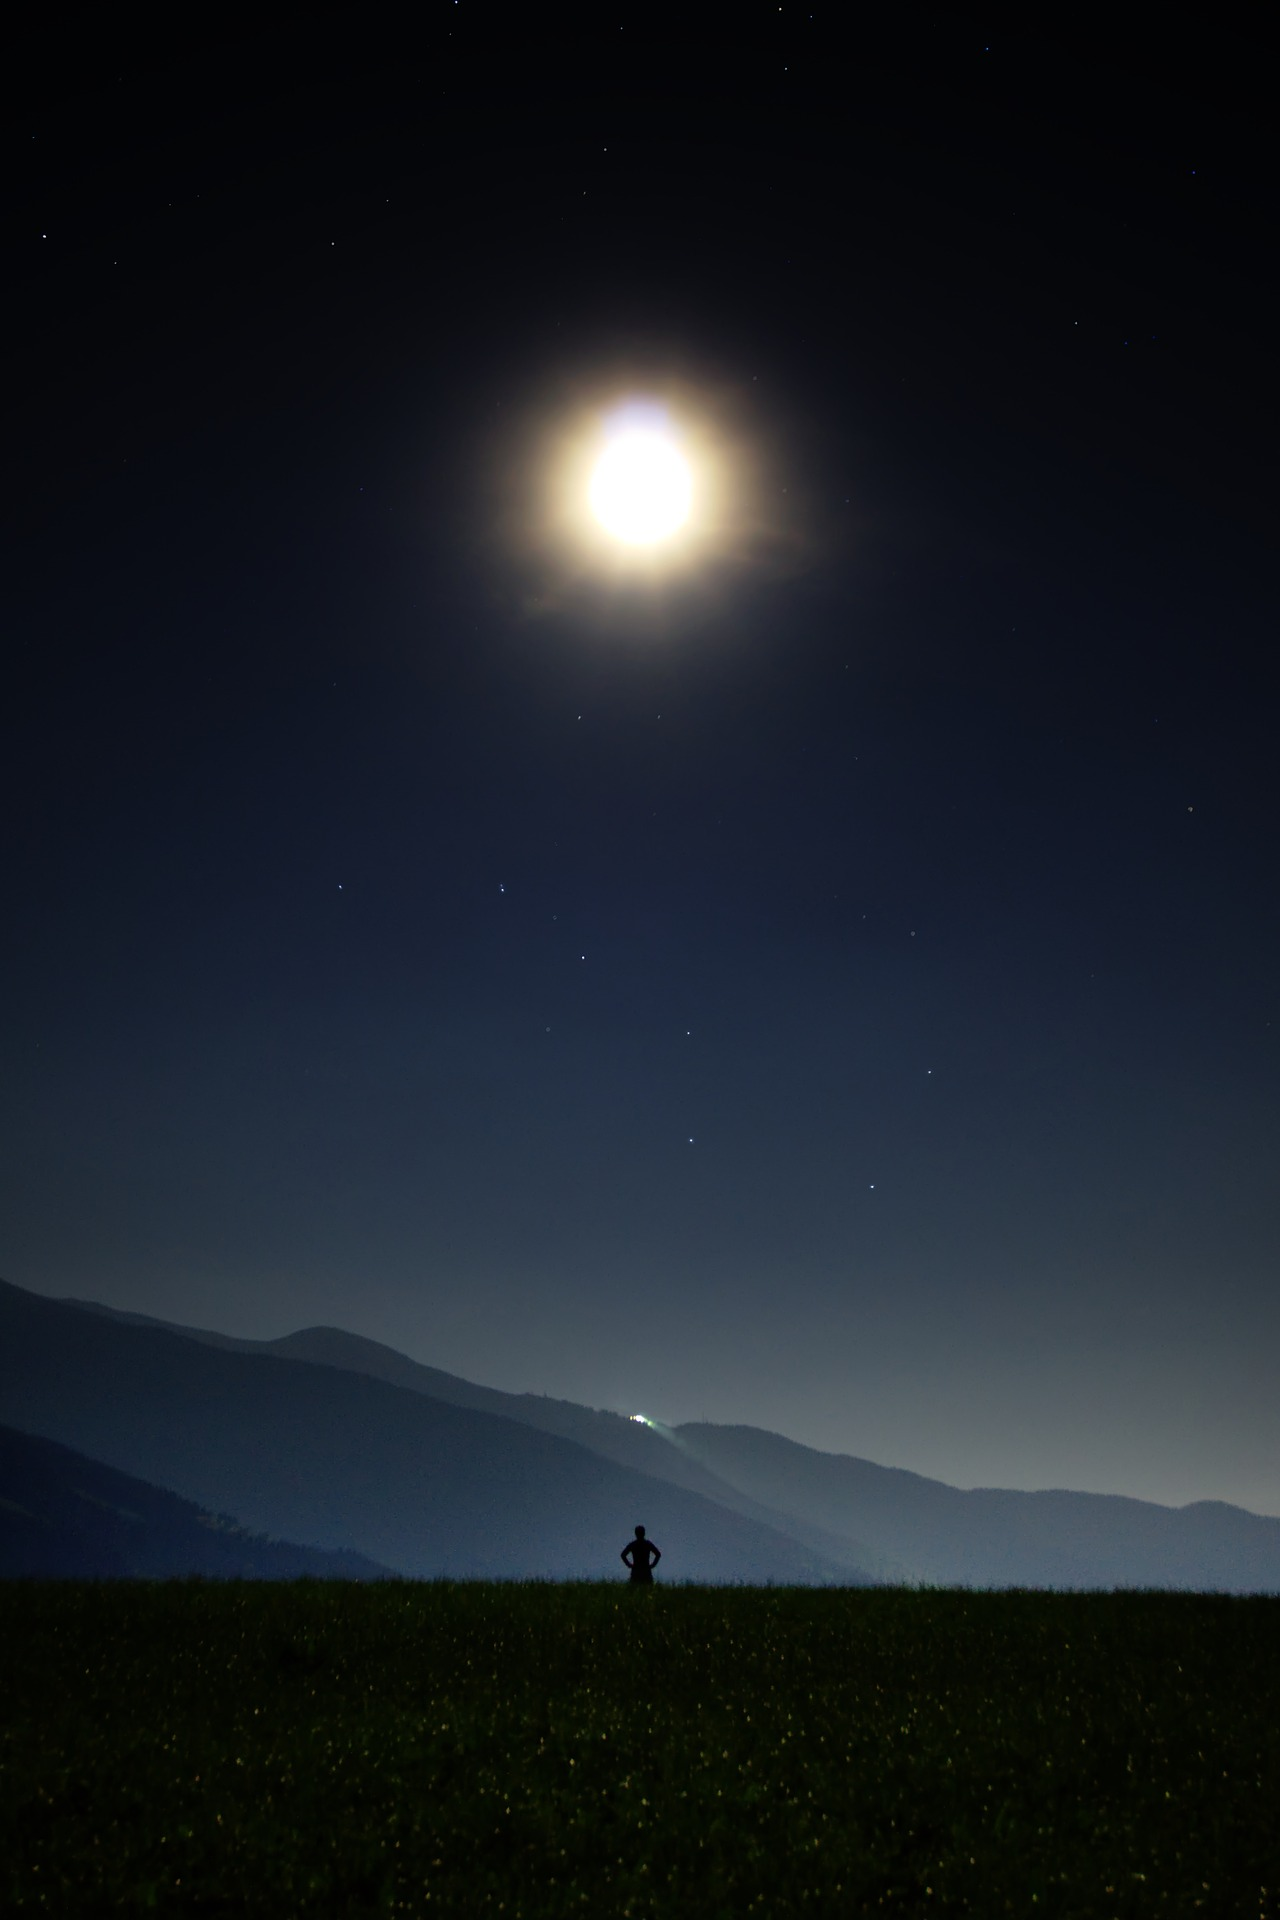 रात, चाँद, स्टार, आकाश, अंधेरे - HD वॉलपेपर - प्रोफेसर-falken.com